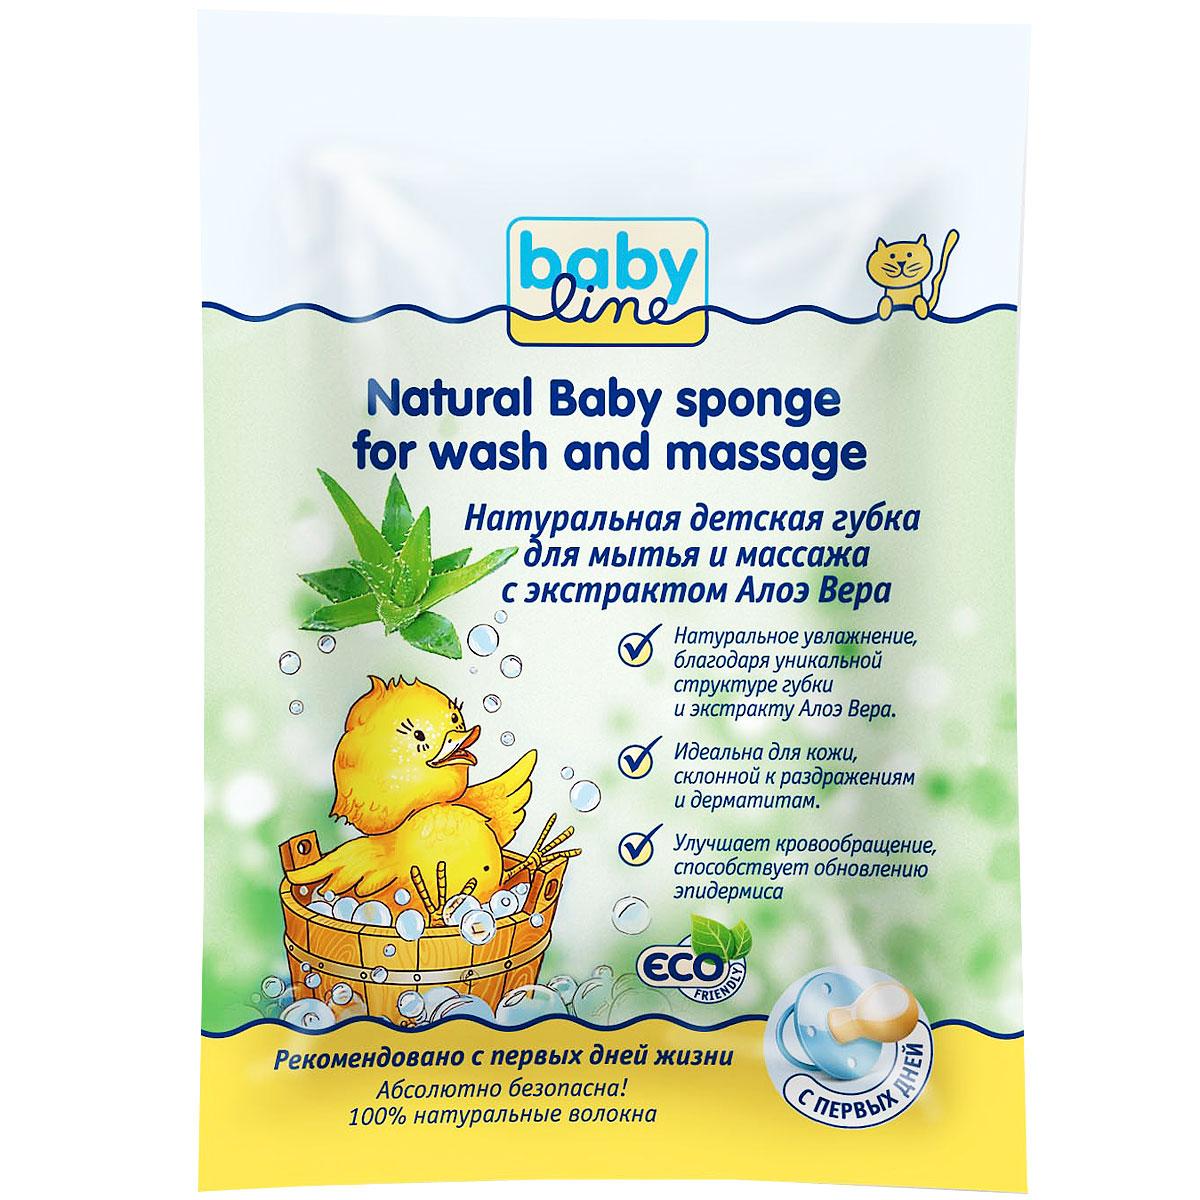 BabyLine Натуральная детская губка для мытья и массажа, с экстрактом Алоэ Вера